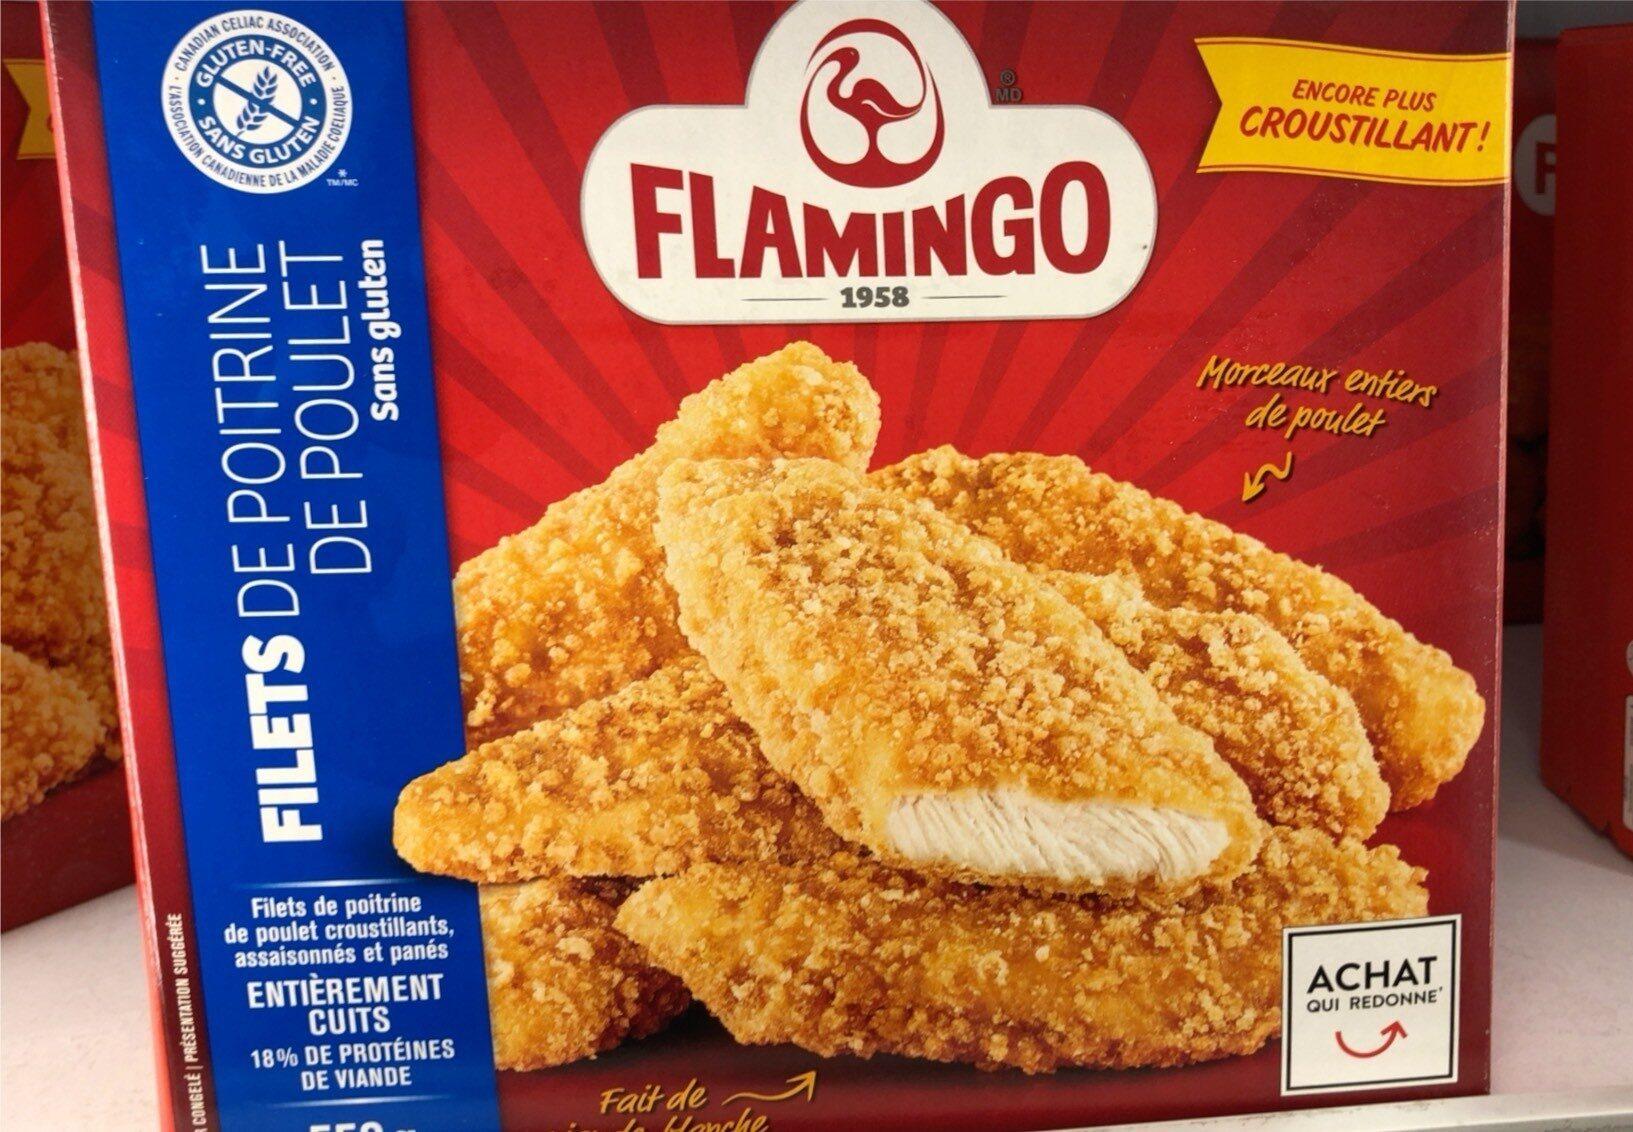 Flamingo filets de poitrine de poulet - Produit - fr